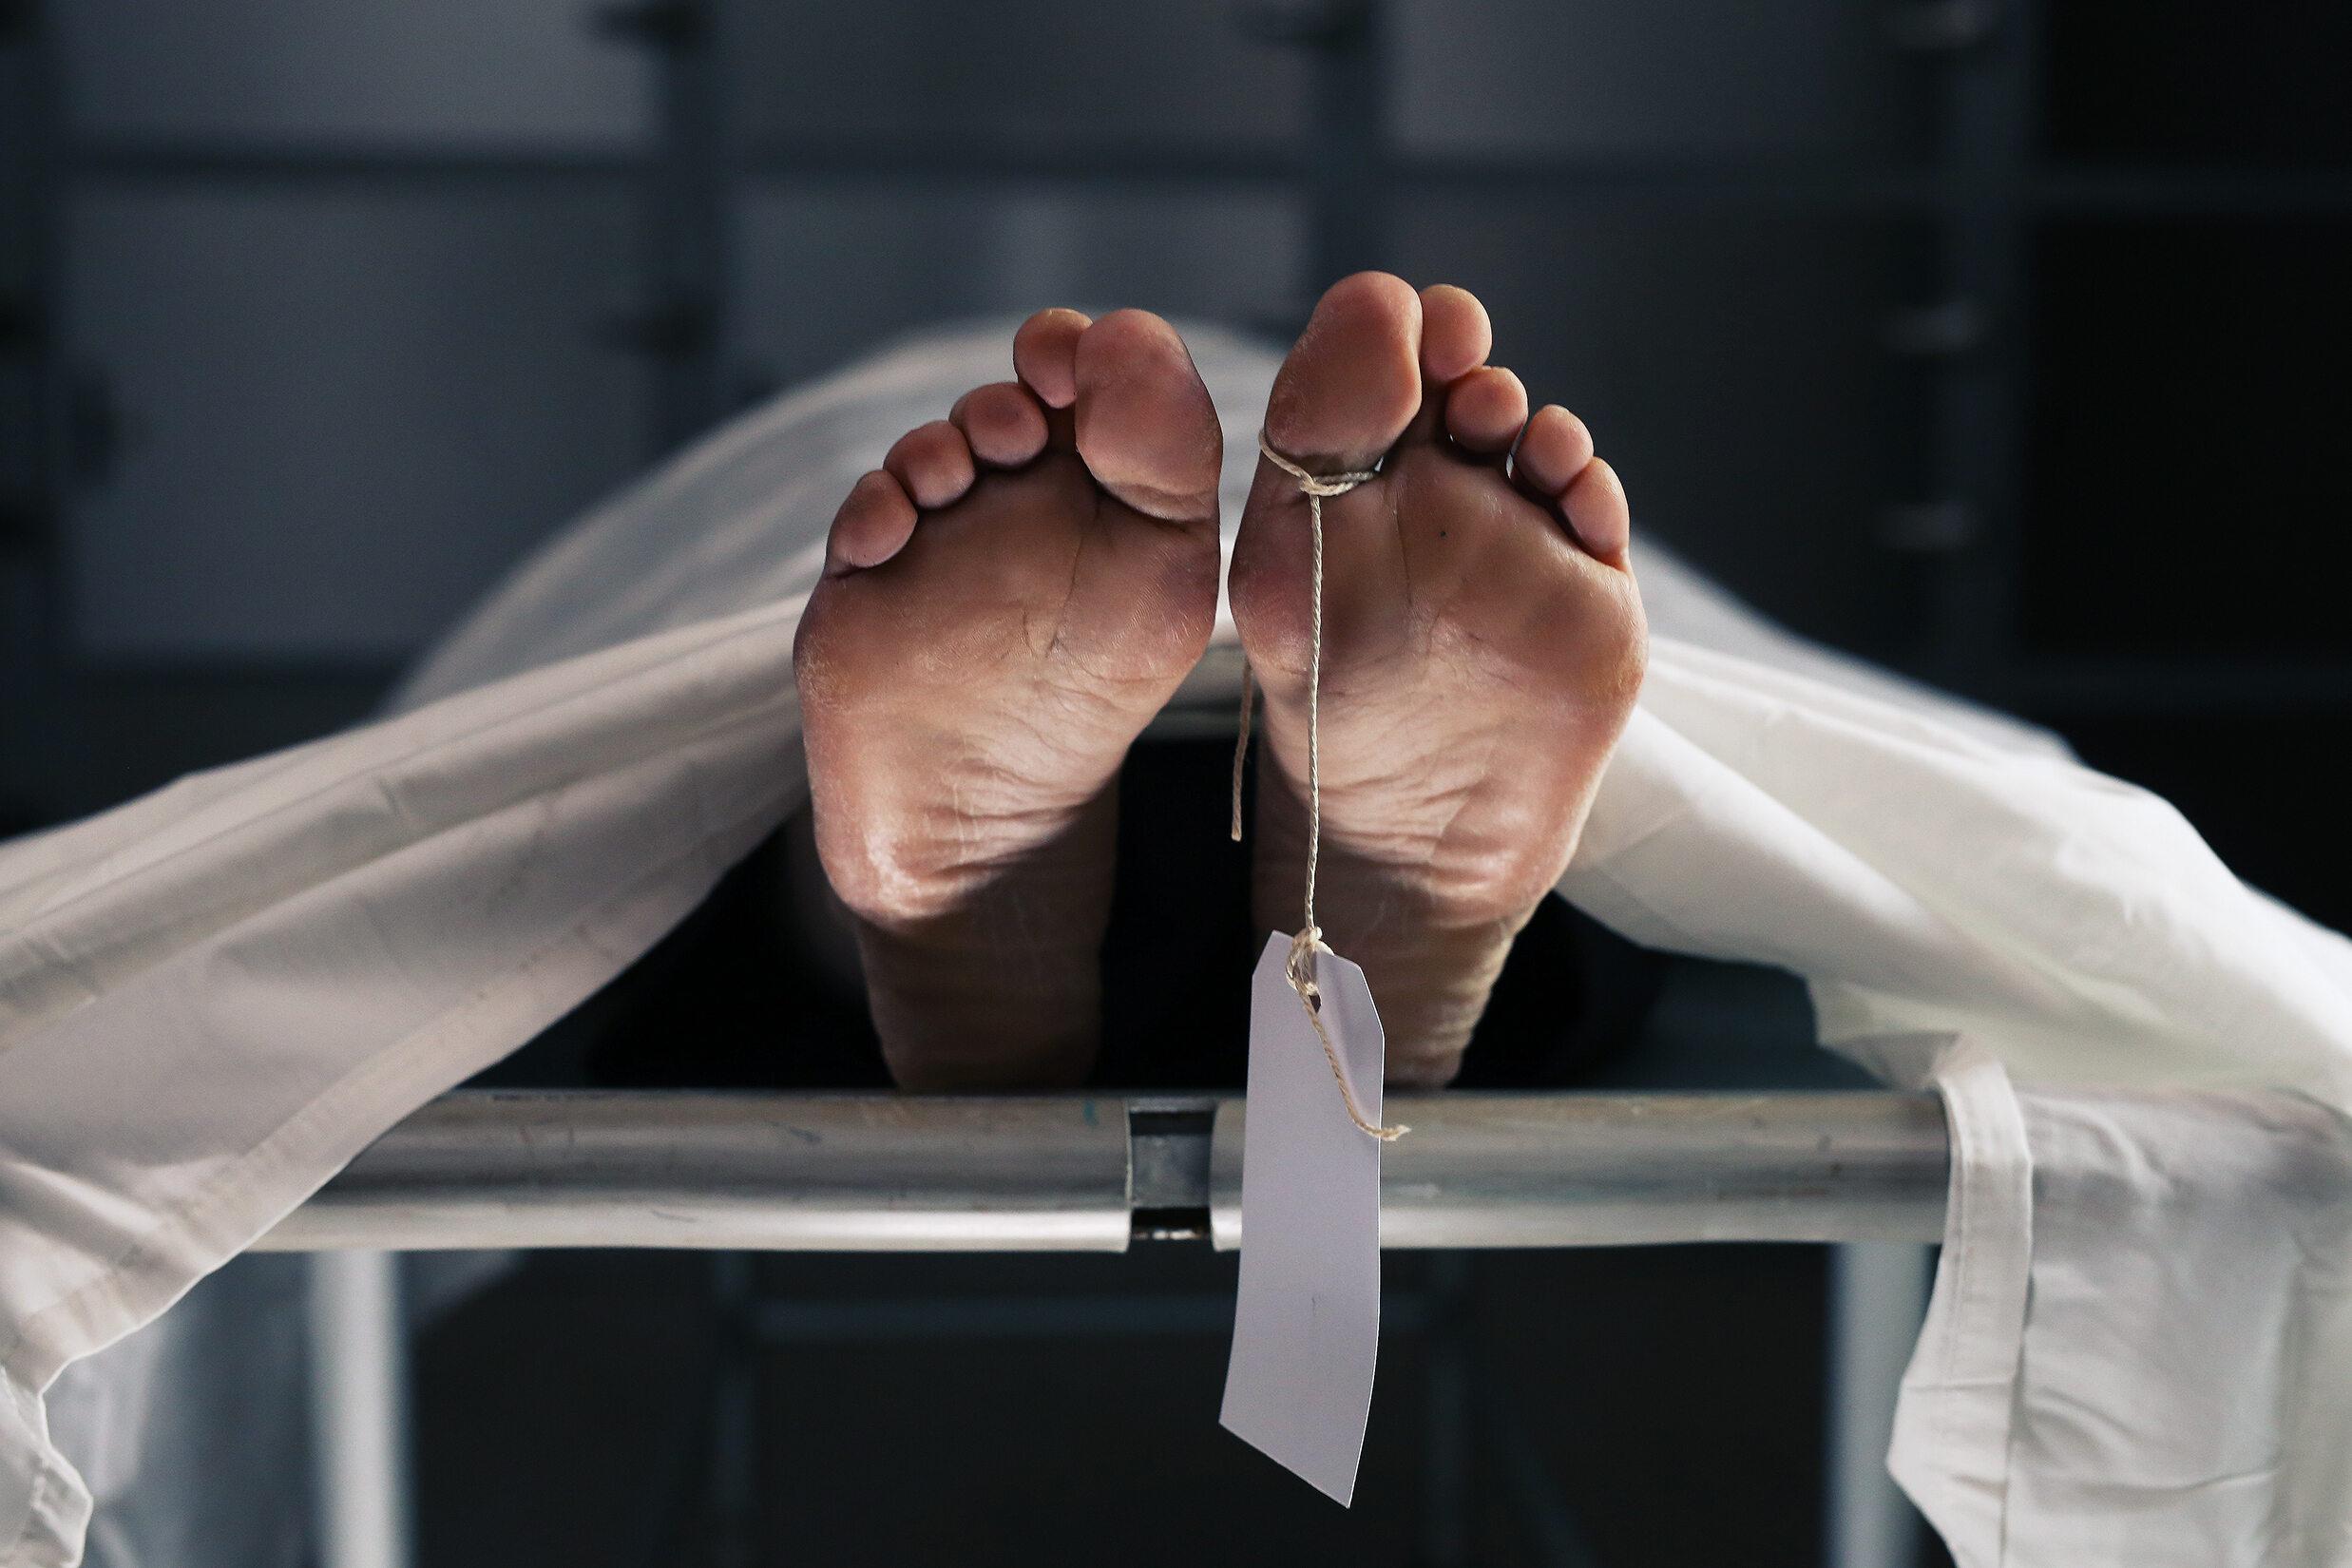 Zwłoki w kostnicy, zdjęcie ilustracyjne